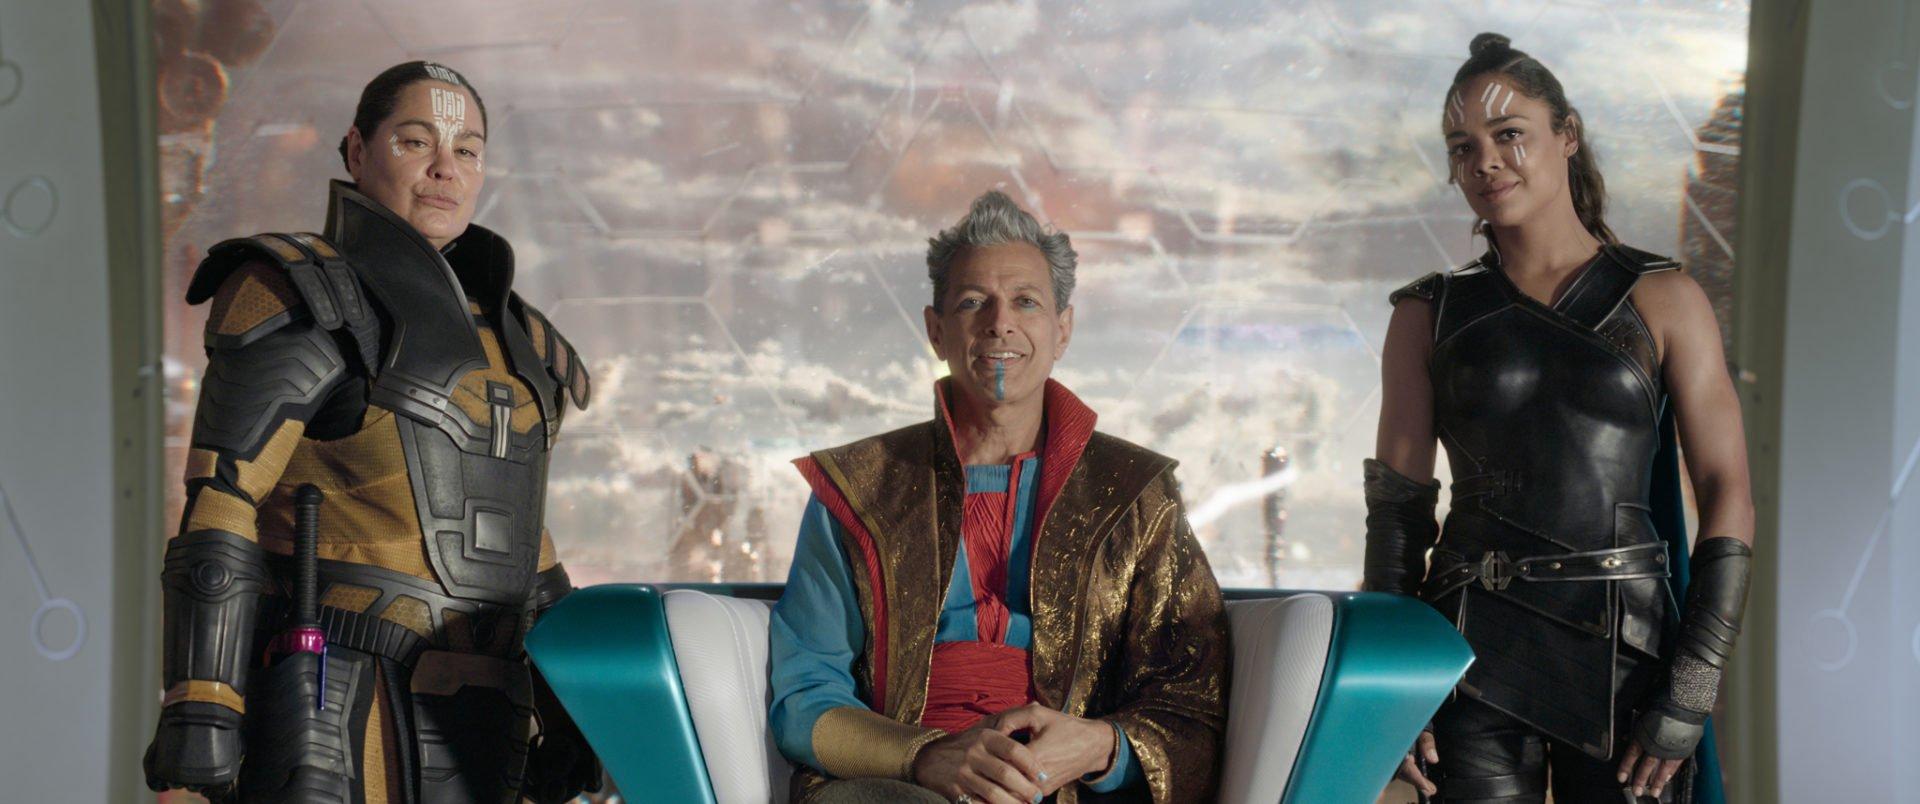 Topaz (Rachel House), Grandmaster (Jeff Goldblum) und Valkyrie (Tessa Thompson) in einer Reihe vor einer Glaswand in einem Szenenbild für die Kritik Thor Tag der Entscheidung